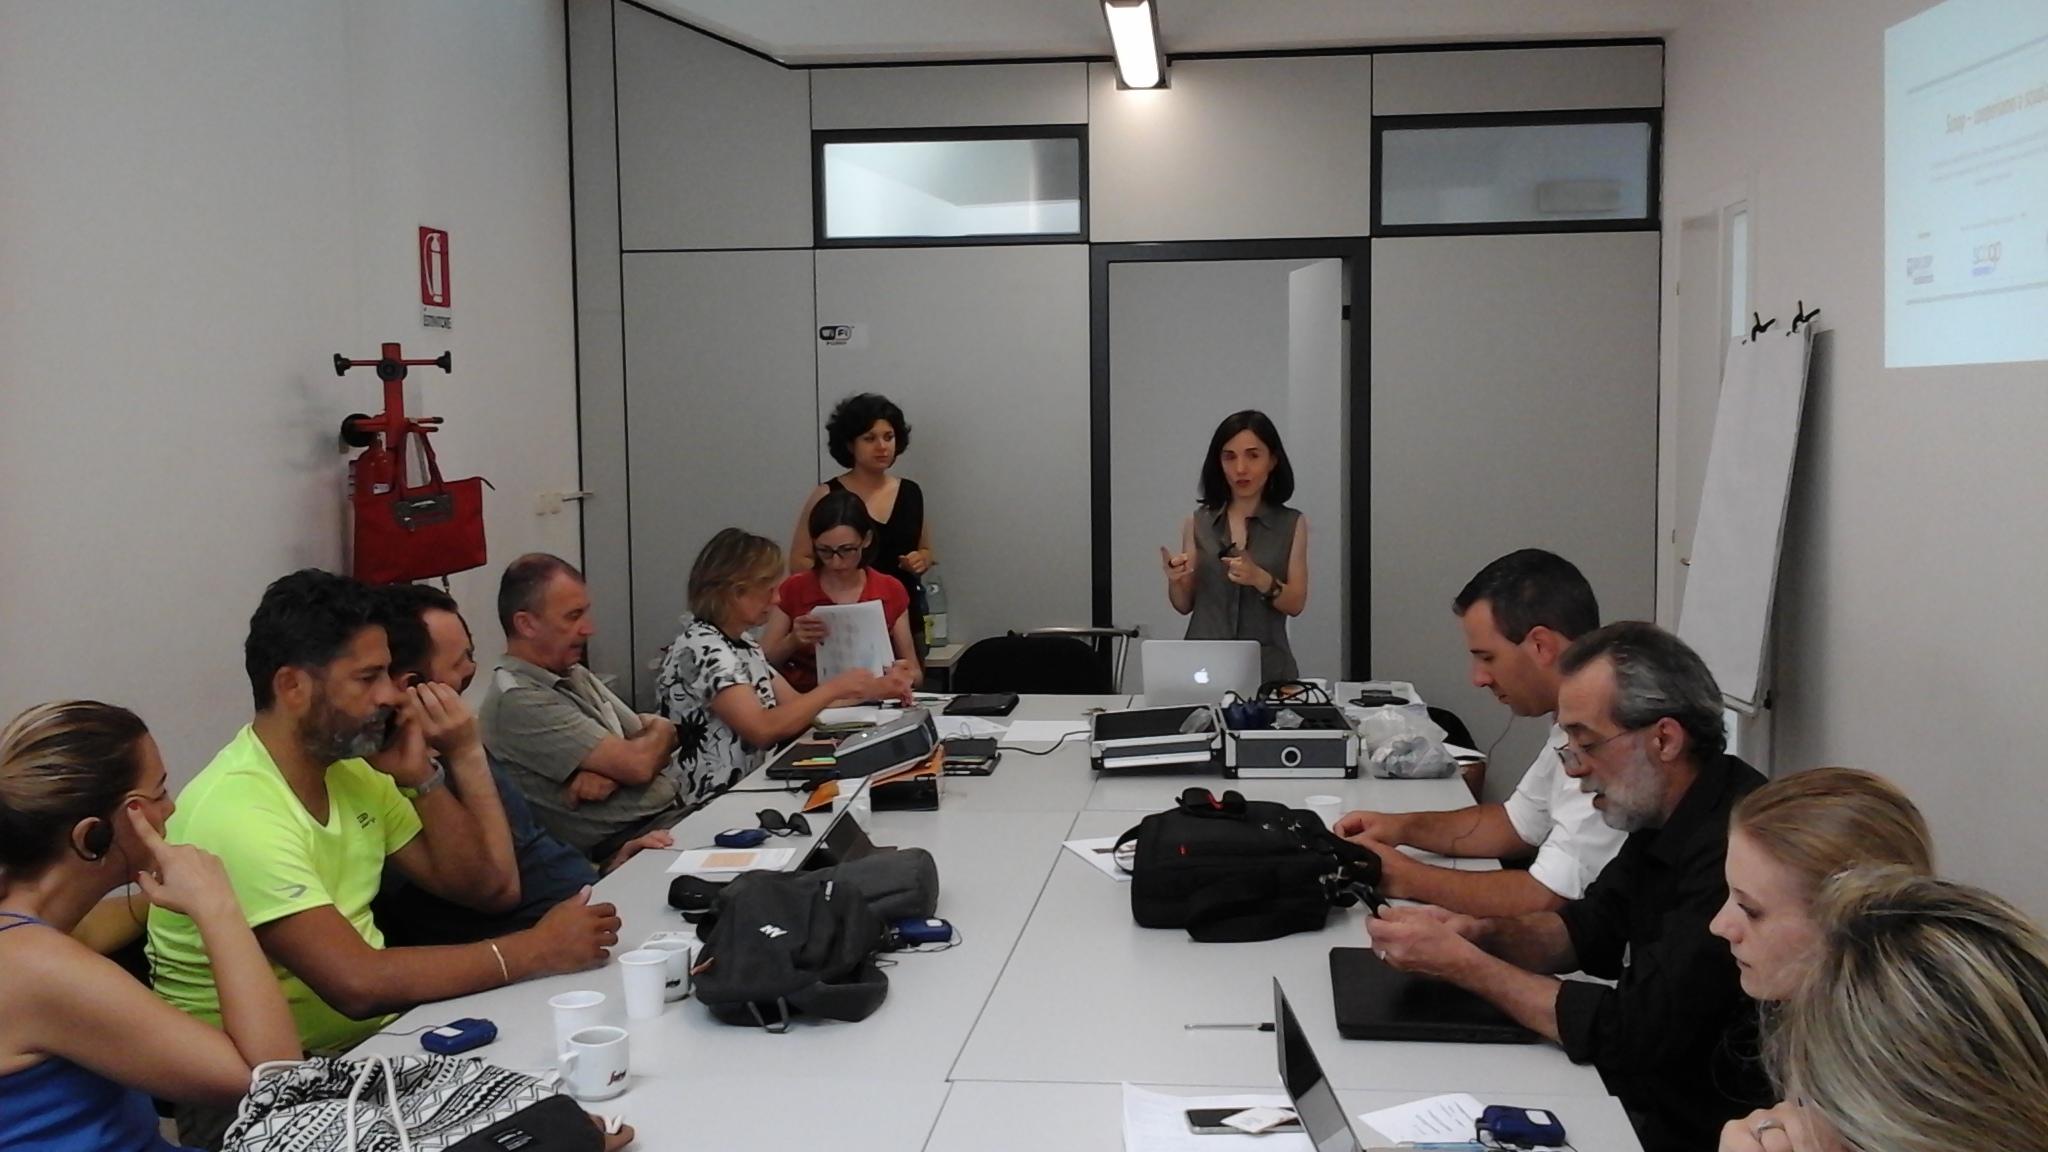 Delegazione estera in visita in Emilia-Romagna: alla scoperta del progetto SCOOP